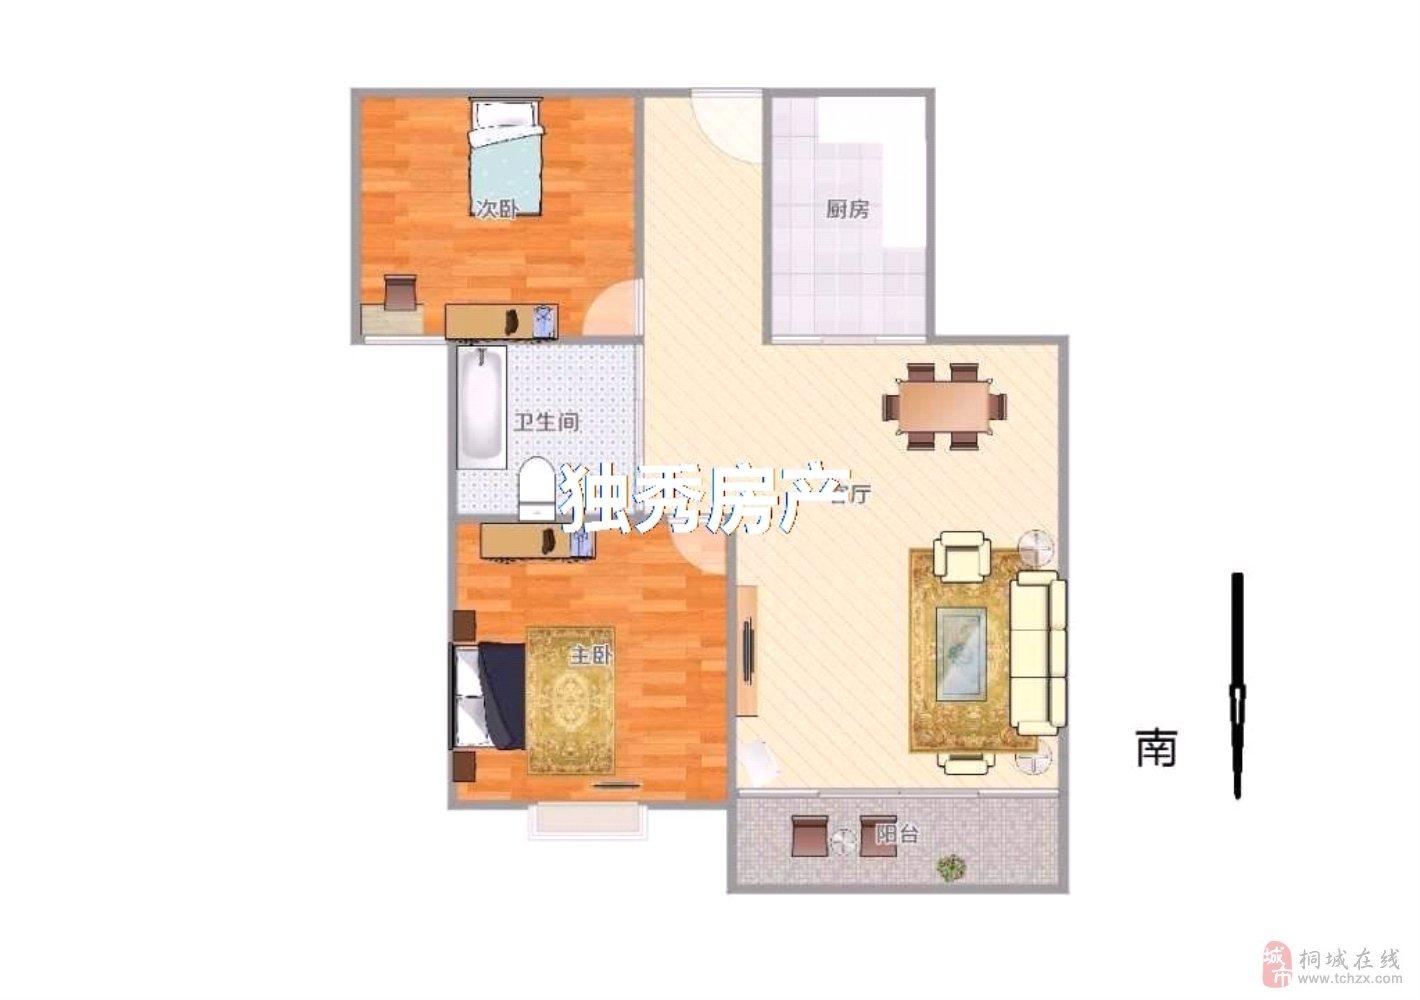 上和家园2室2厅1卫43万元